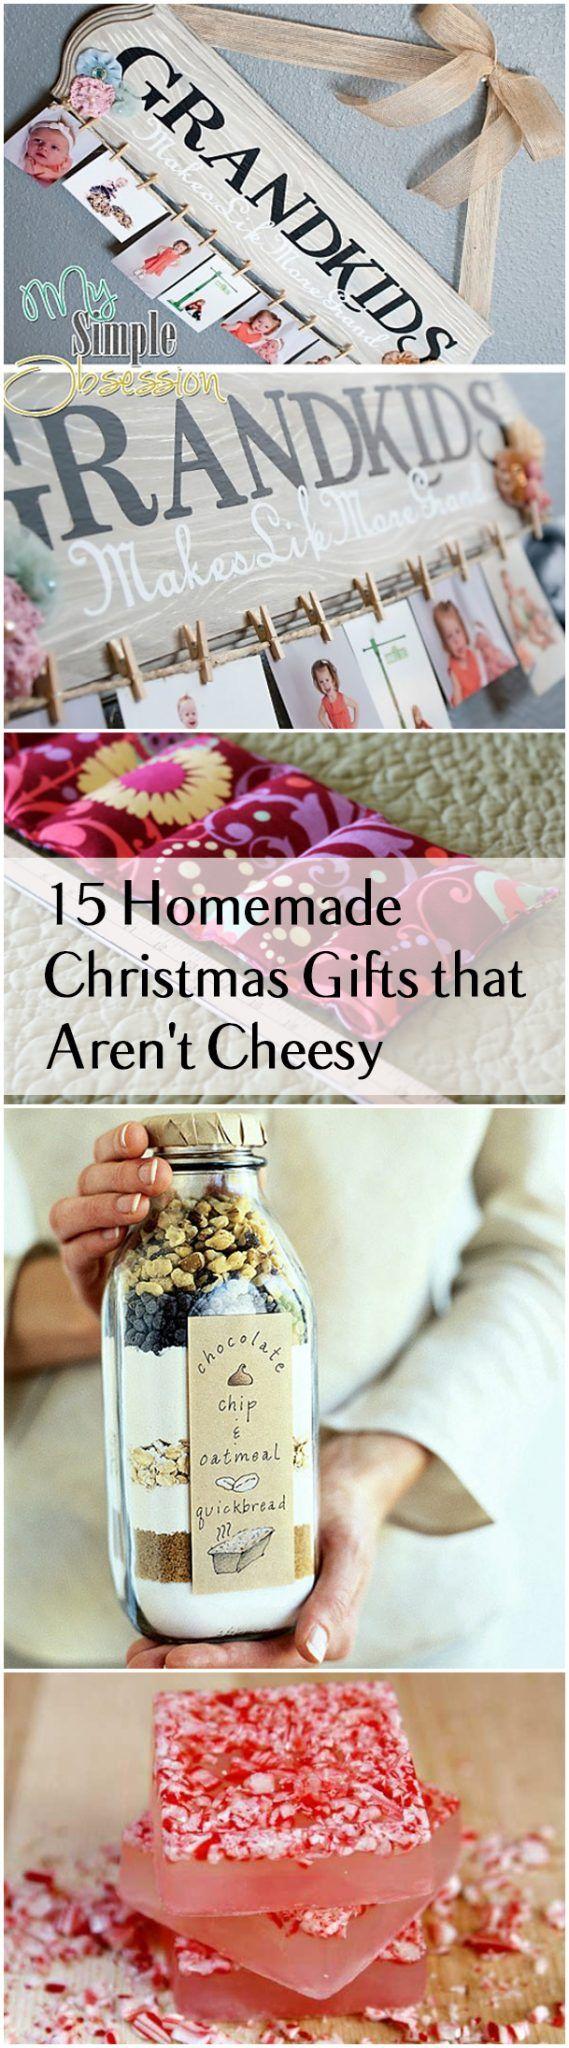 40+ weihnachtsgeschenke diy   Pinterest   Weihnachtsgeschenke, Diy ...